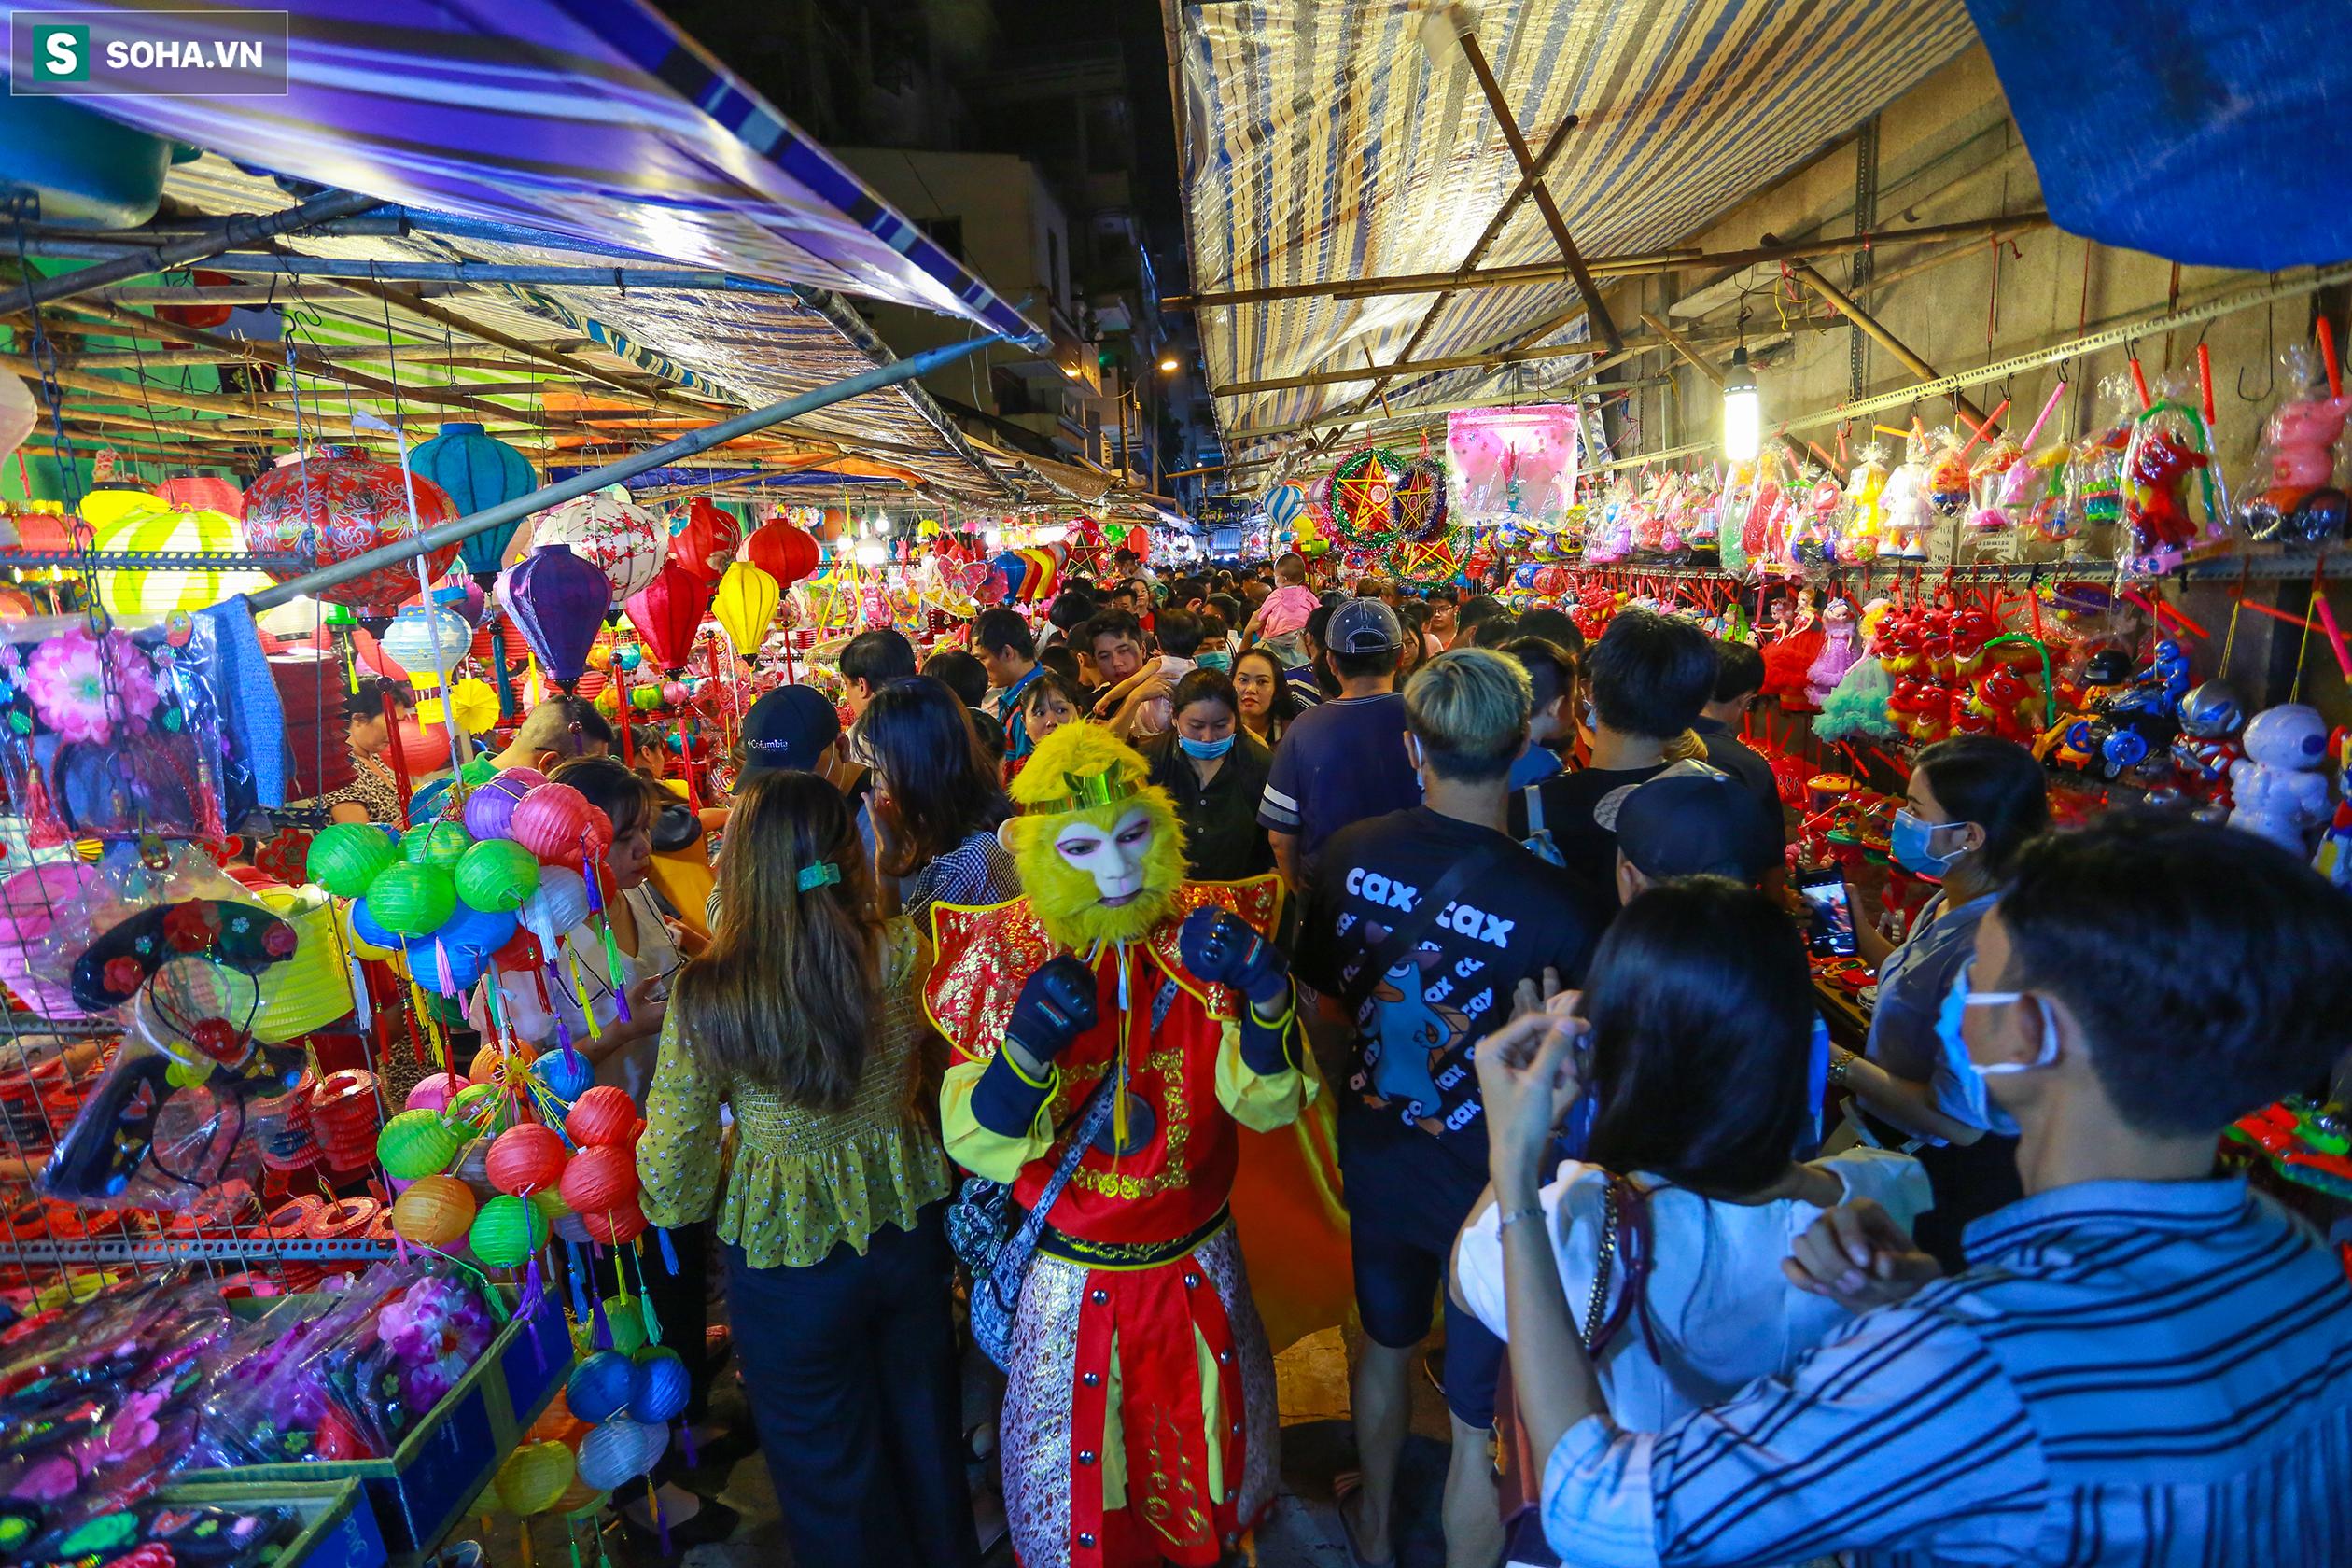 Người dân chen chúc nhau tham quan, check-in tại phố đèn lồng Lương Nhữ Học khiến giao thông có phần ách tắc, nhất là dịp cuối tuần.